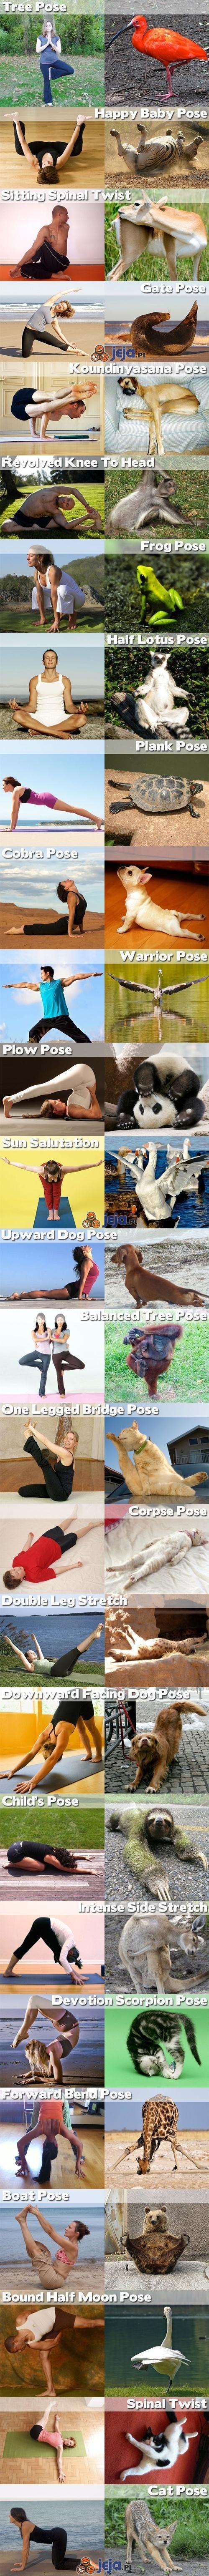 Nawet zwierzęta uprawiają jogę